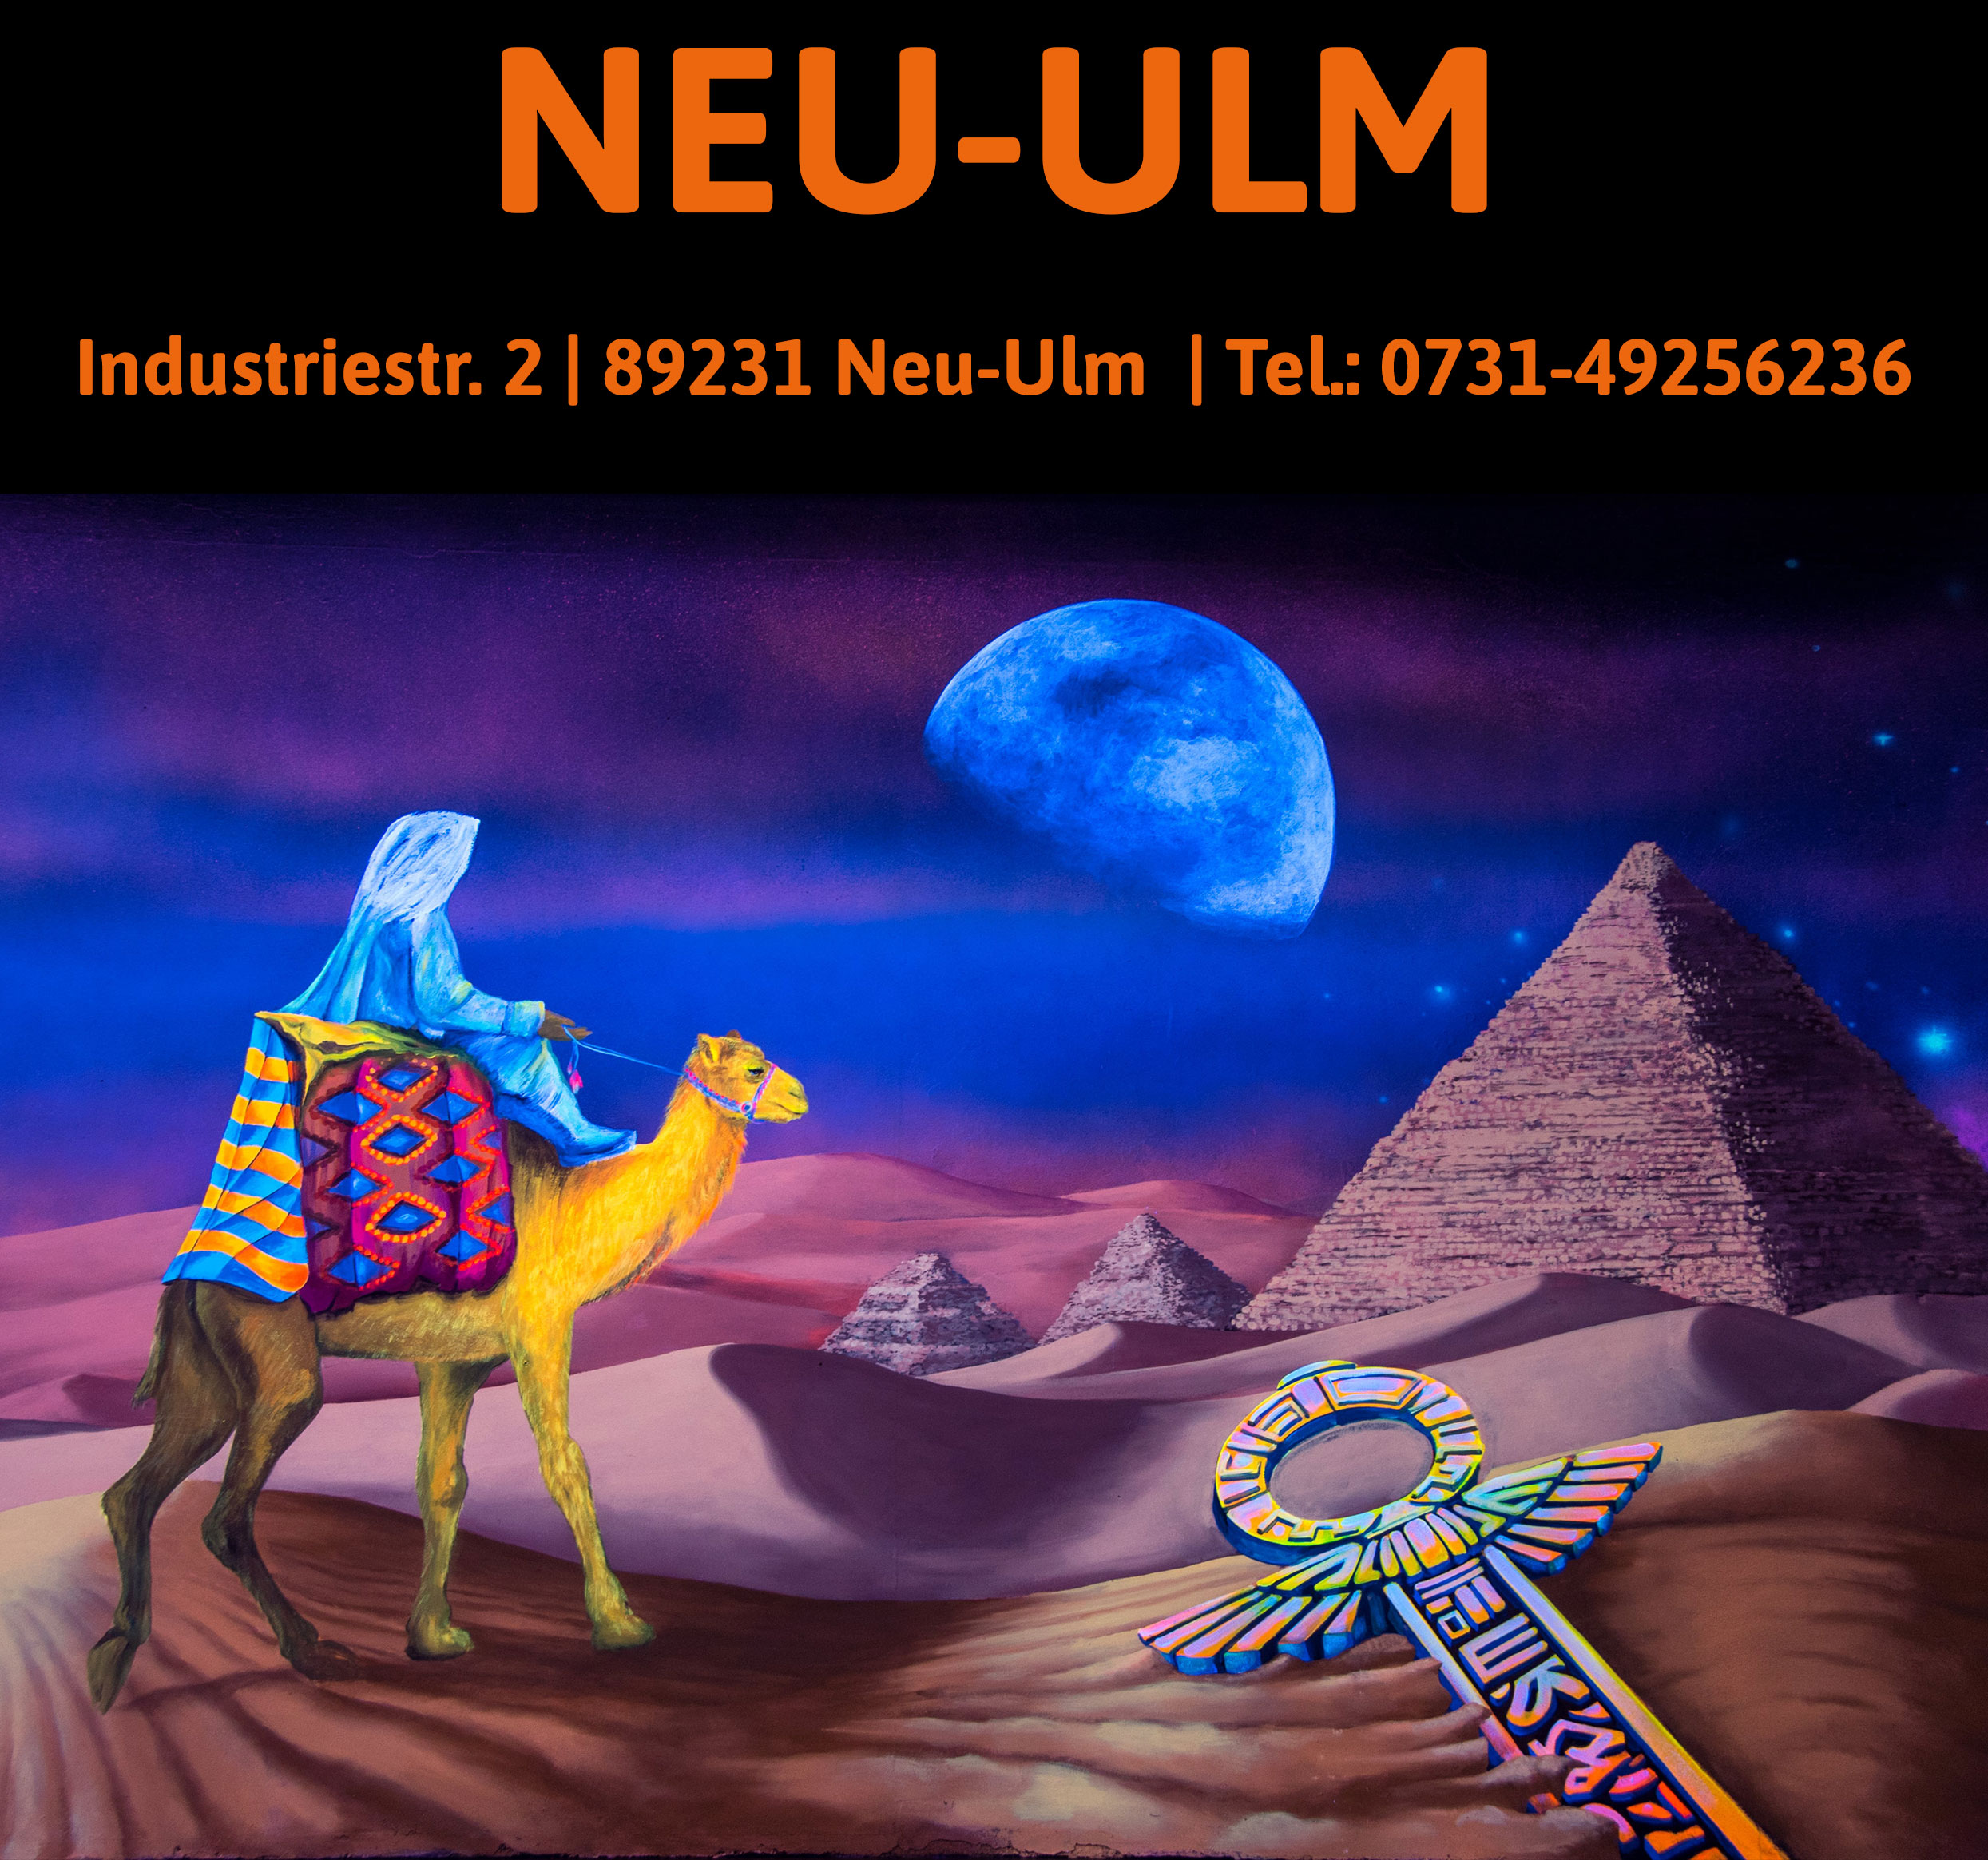 Blacklightarena_Webbilder_Neu_Ulm_Zusatz_02